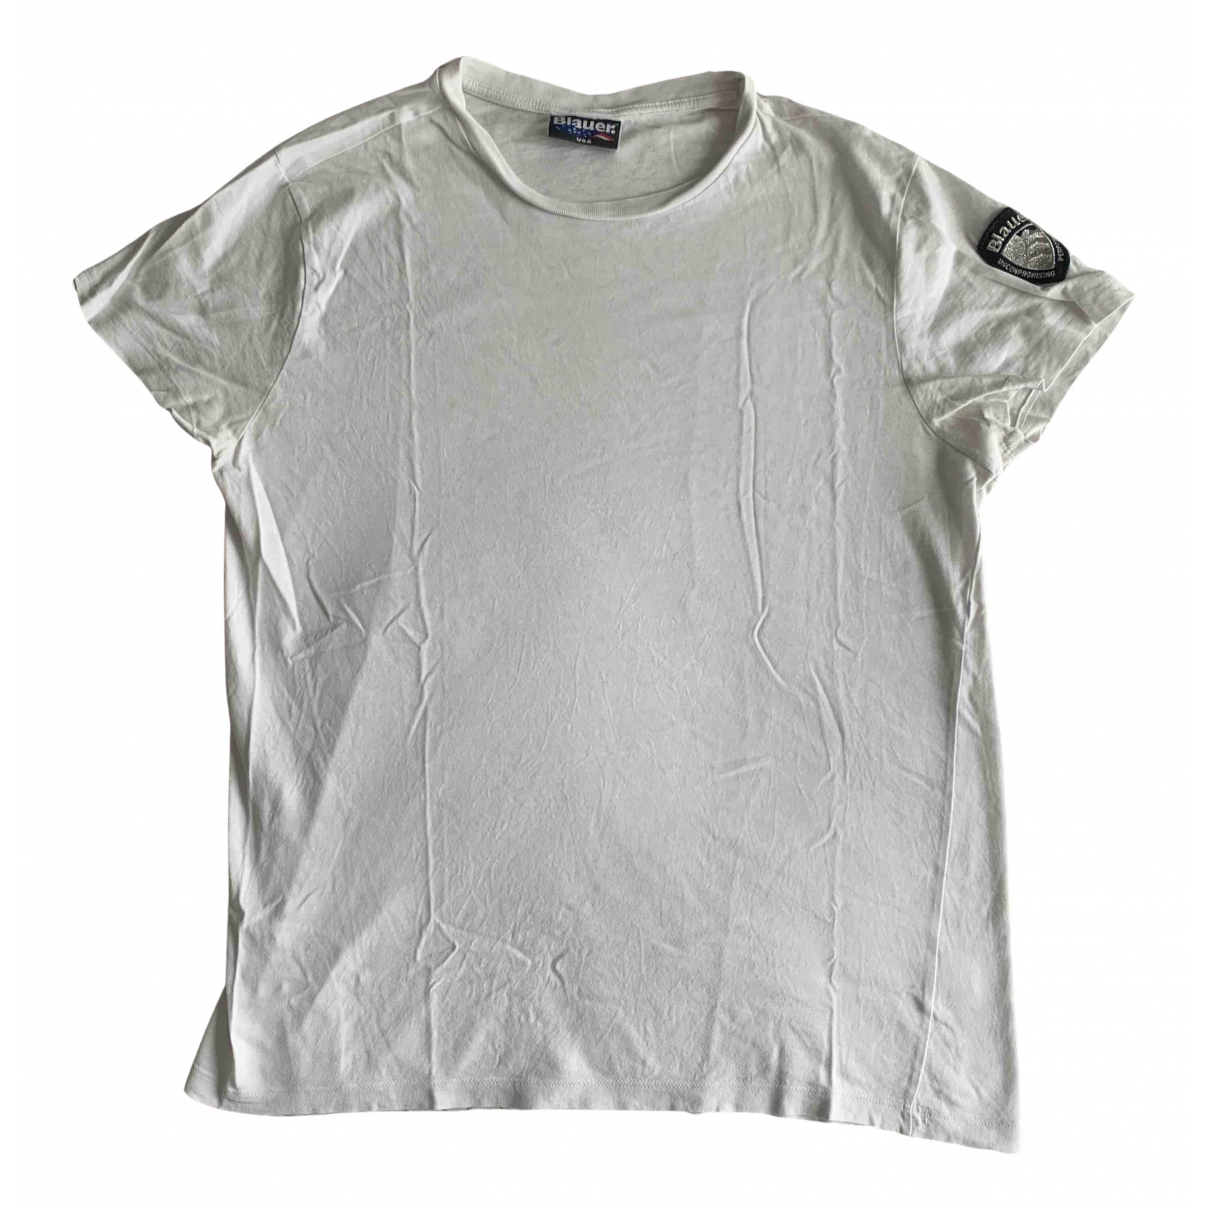 Blauer - Tee shirts   pour homme en coton - blanc